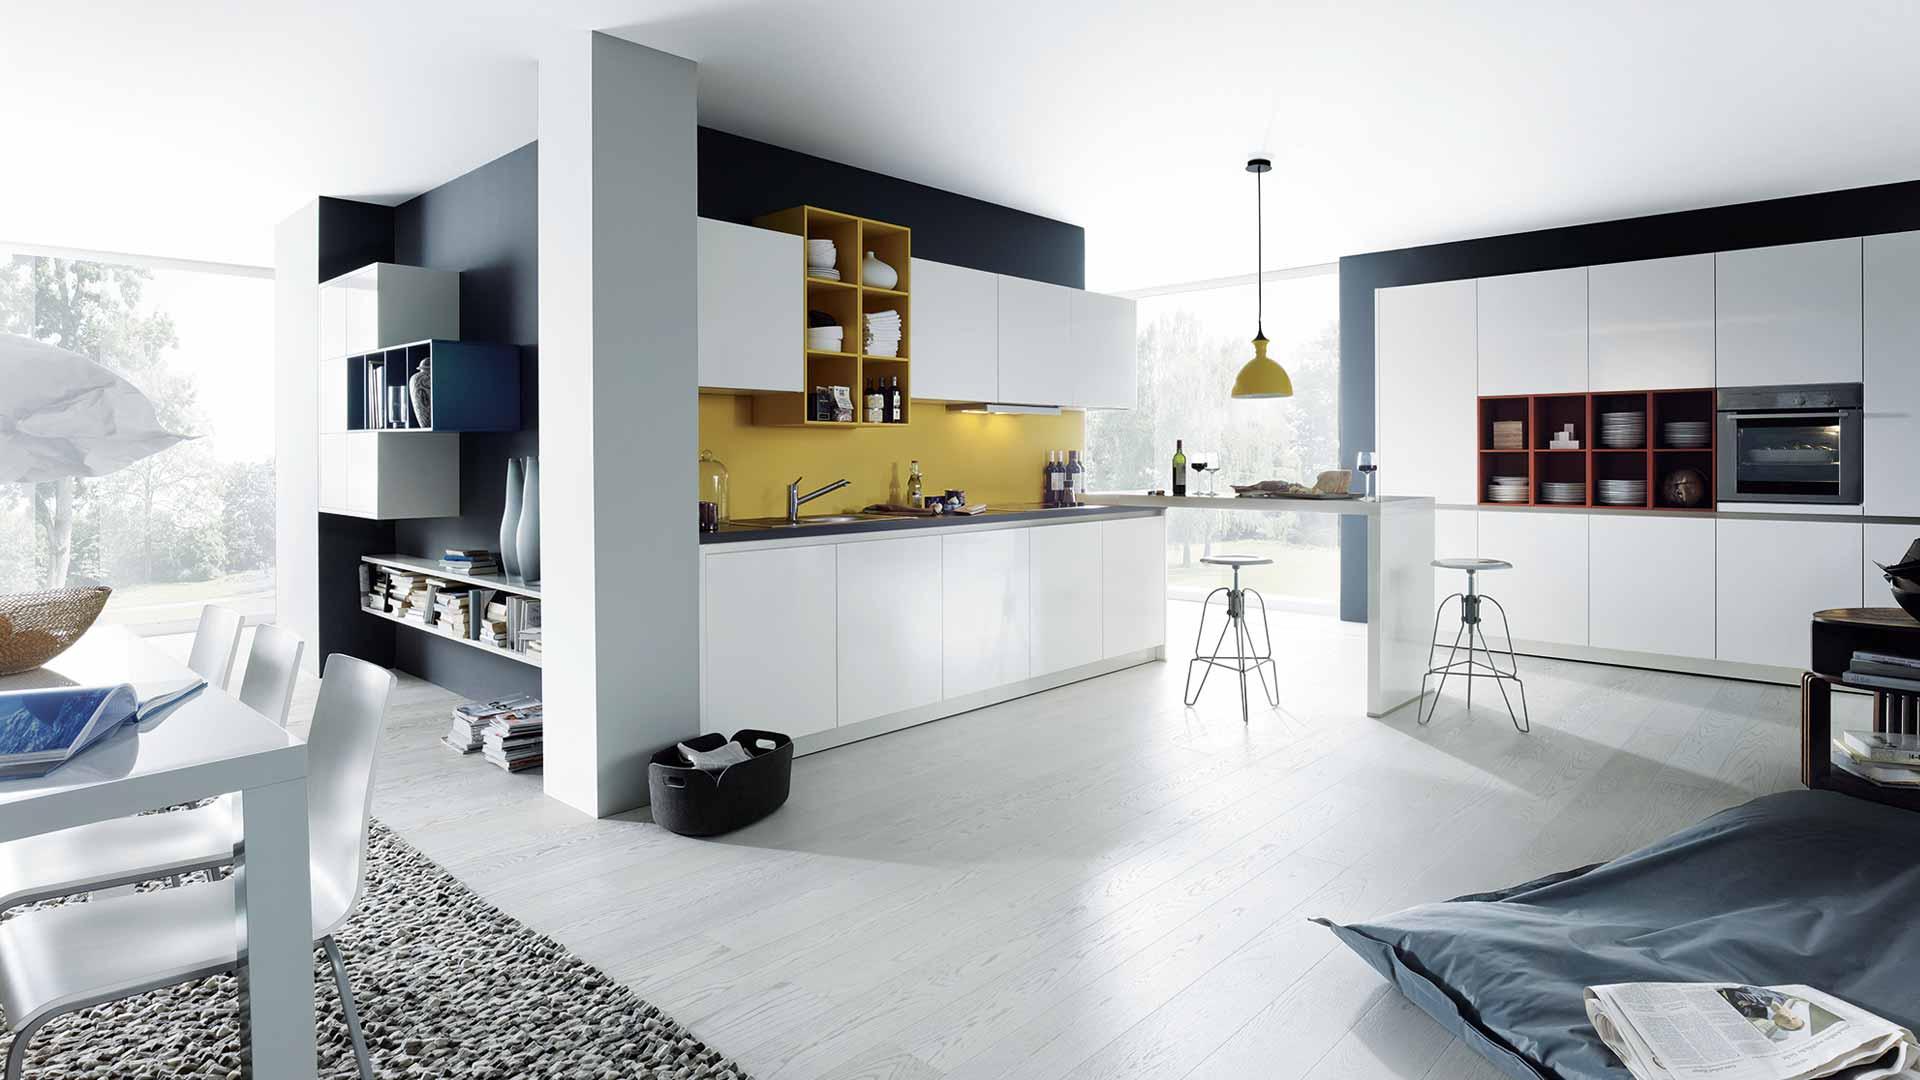 design möbel küchen in mallerdorf - mÖbel klingl - landshut ... - Haus Der Küche Straubing